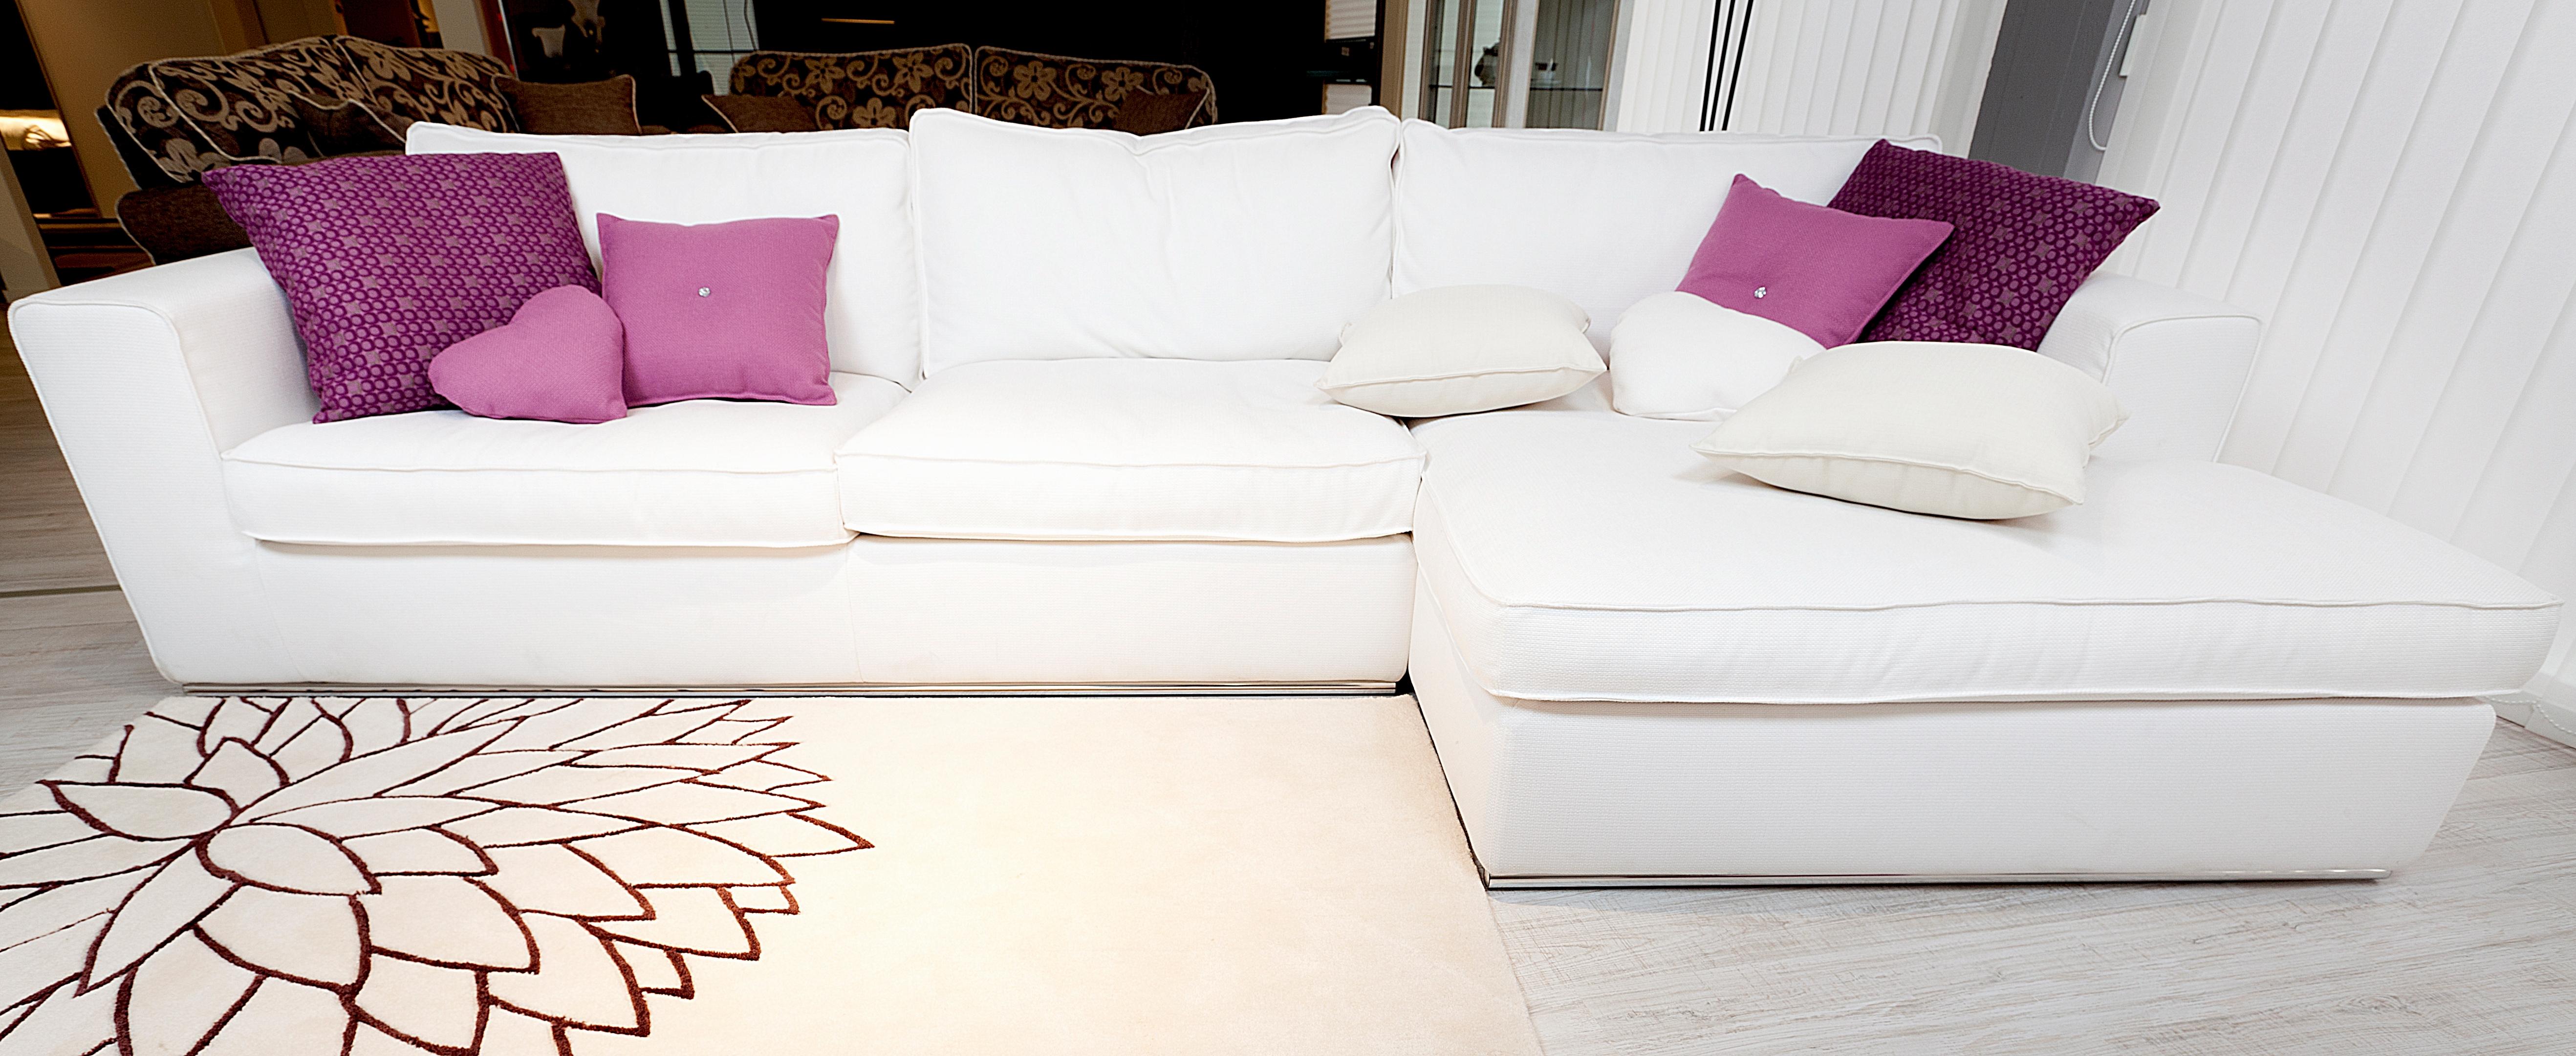 Divano doimo salotti offerta 14419 divani a prezzi scontati for Offerta divano